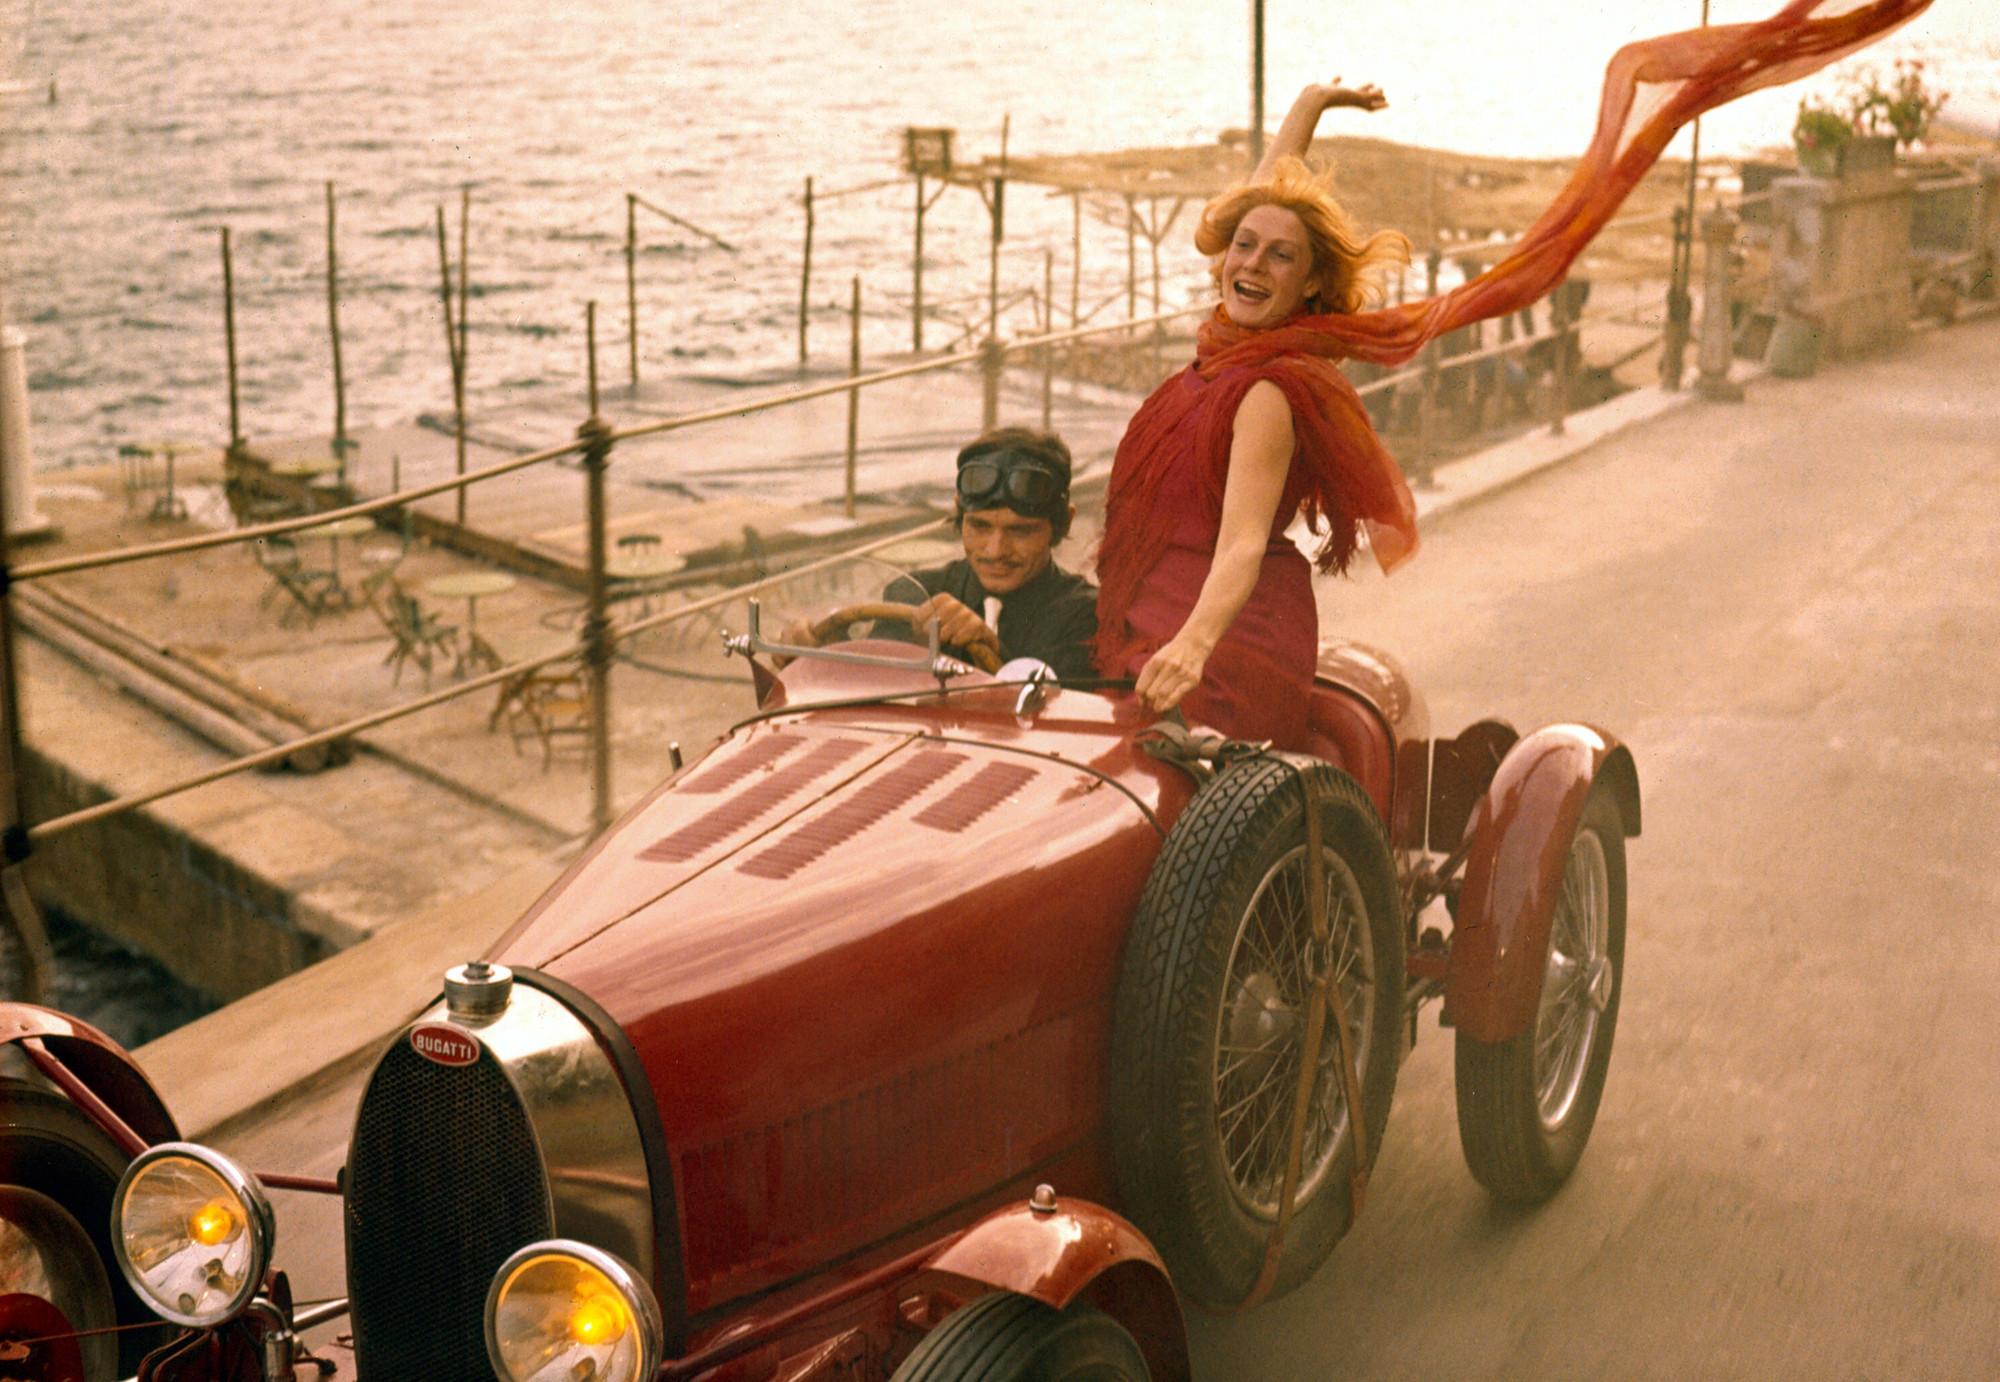 Isadora (1968) – Biography, Drama, Music